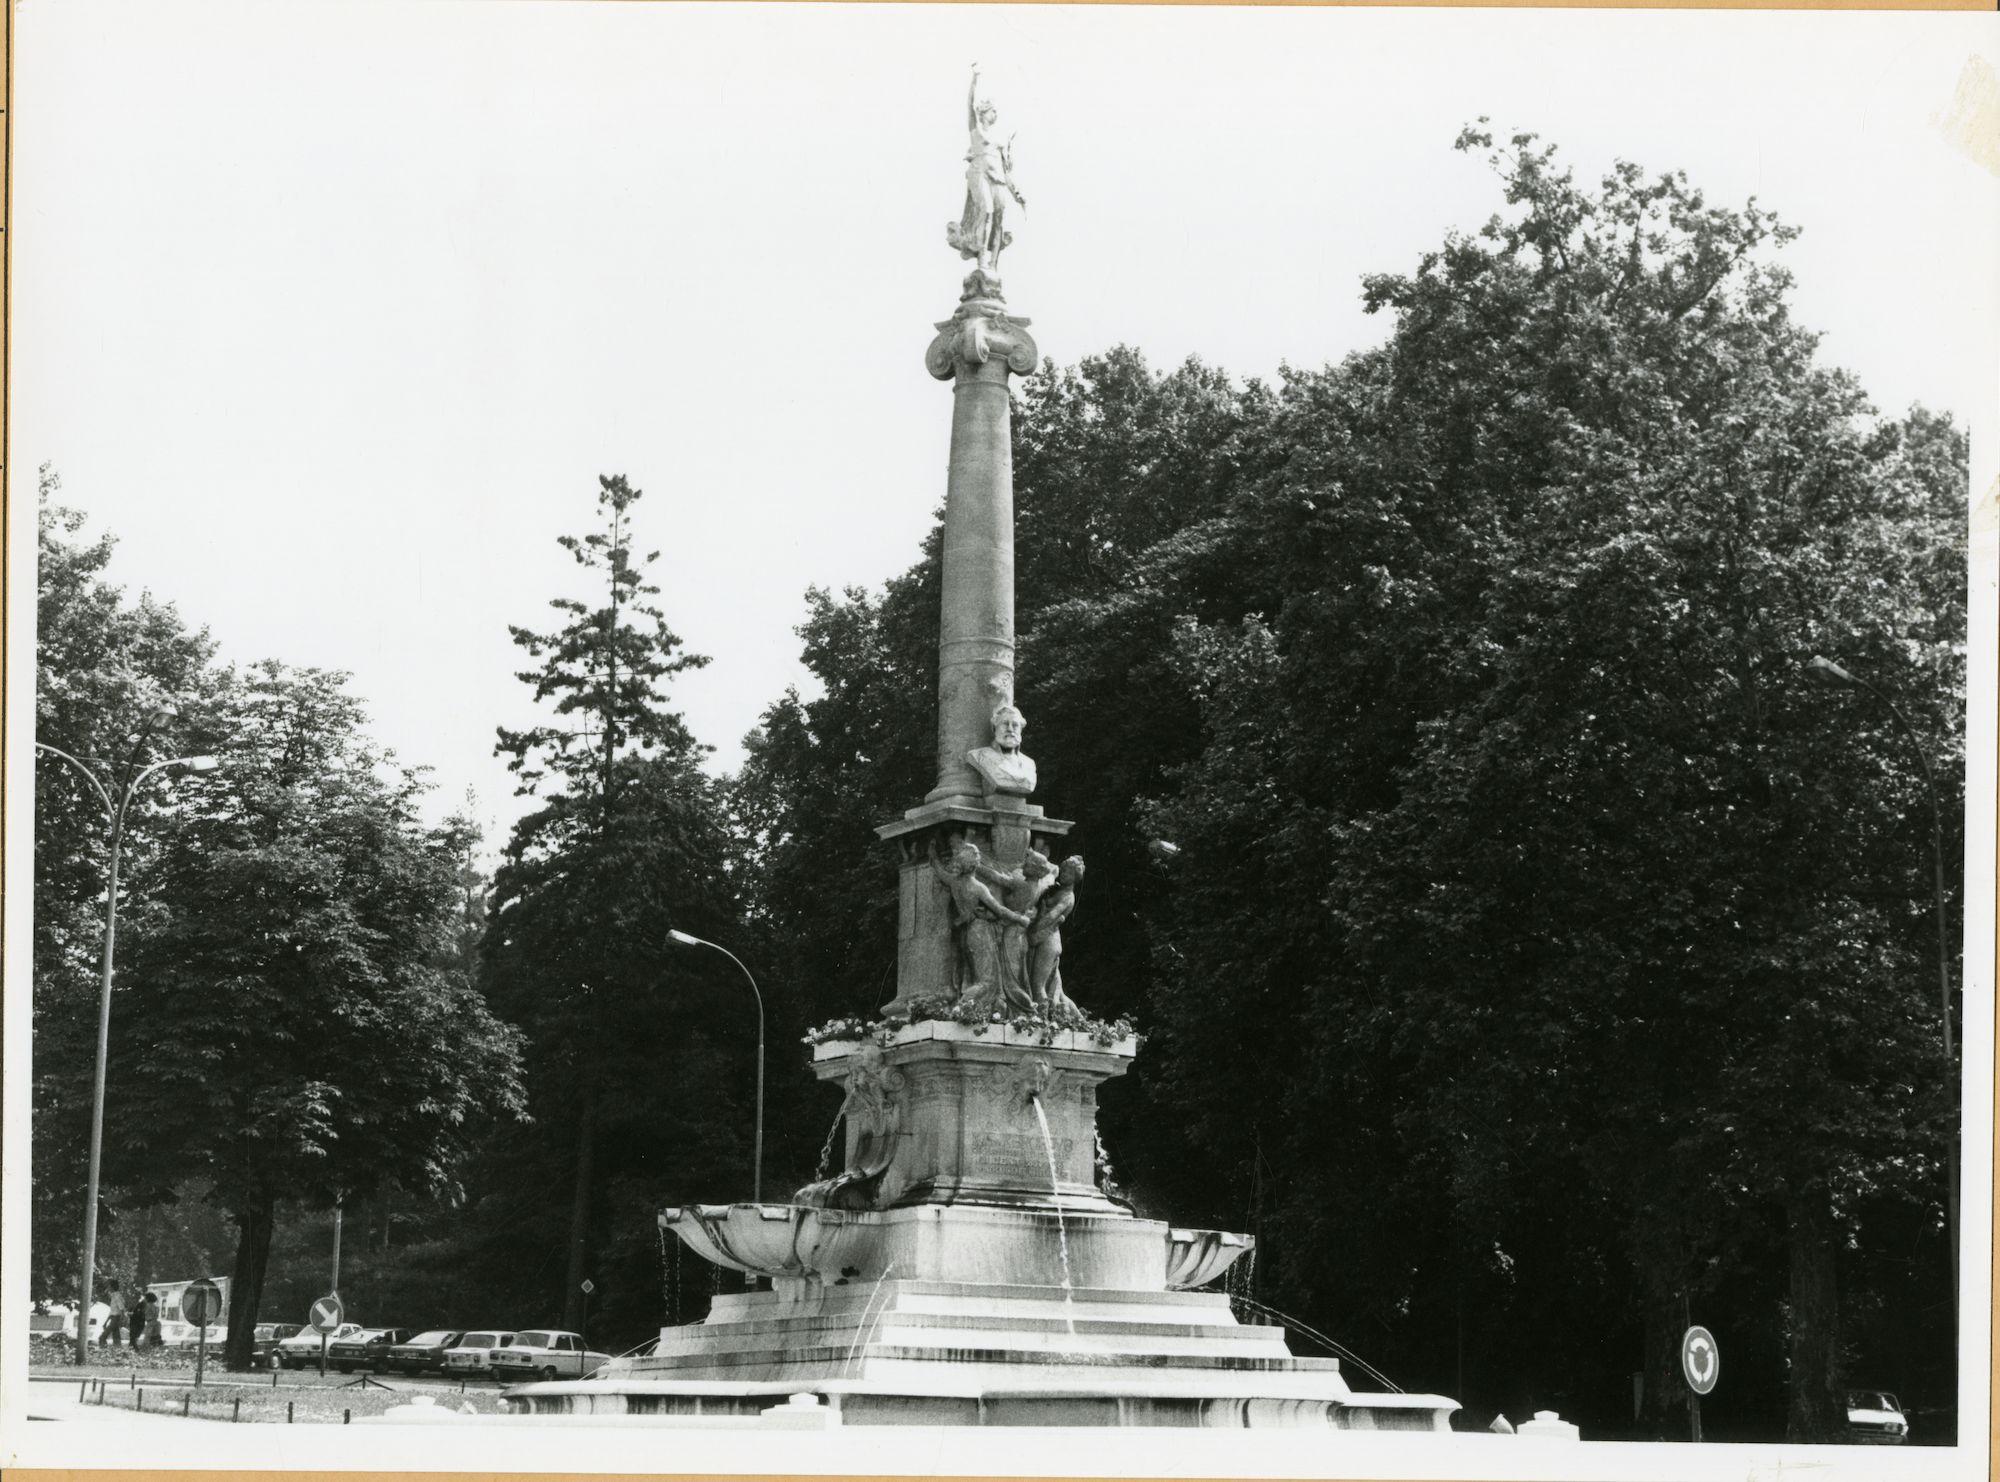 Gent: Charles de Kerchovelaan: fontein: standbeeld: Chales de Kerchove,1979